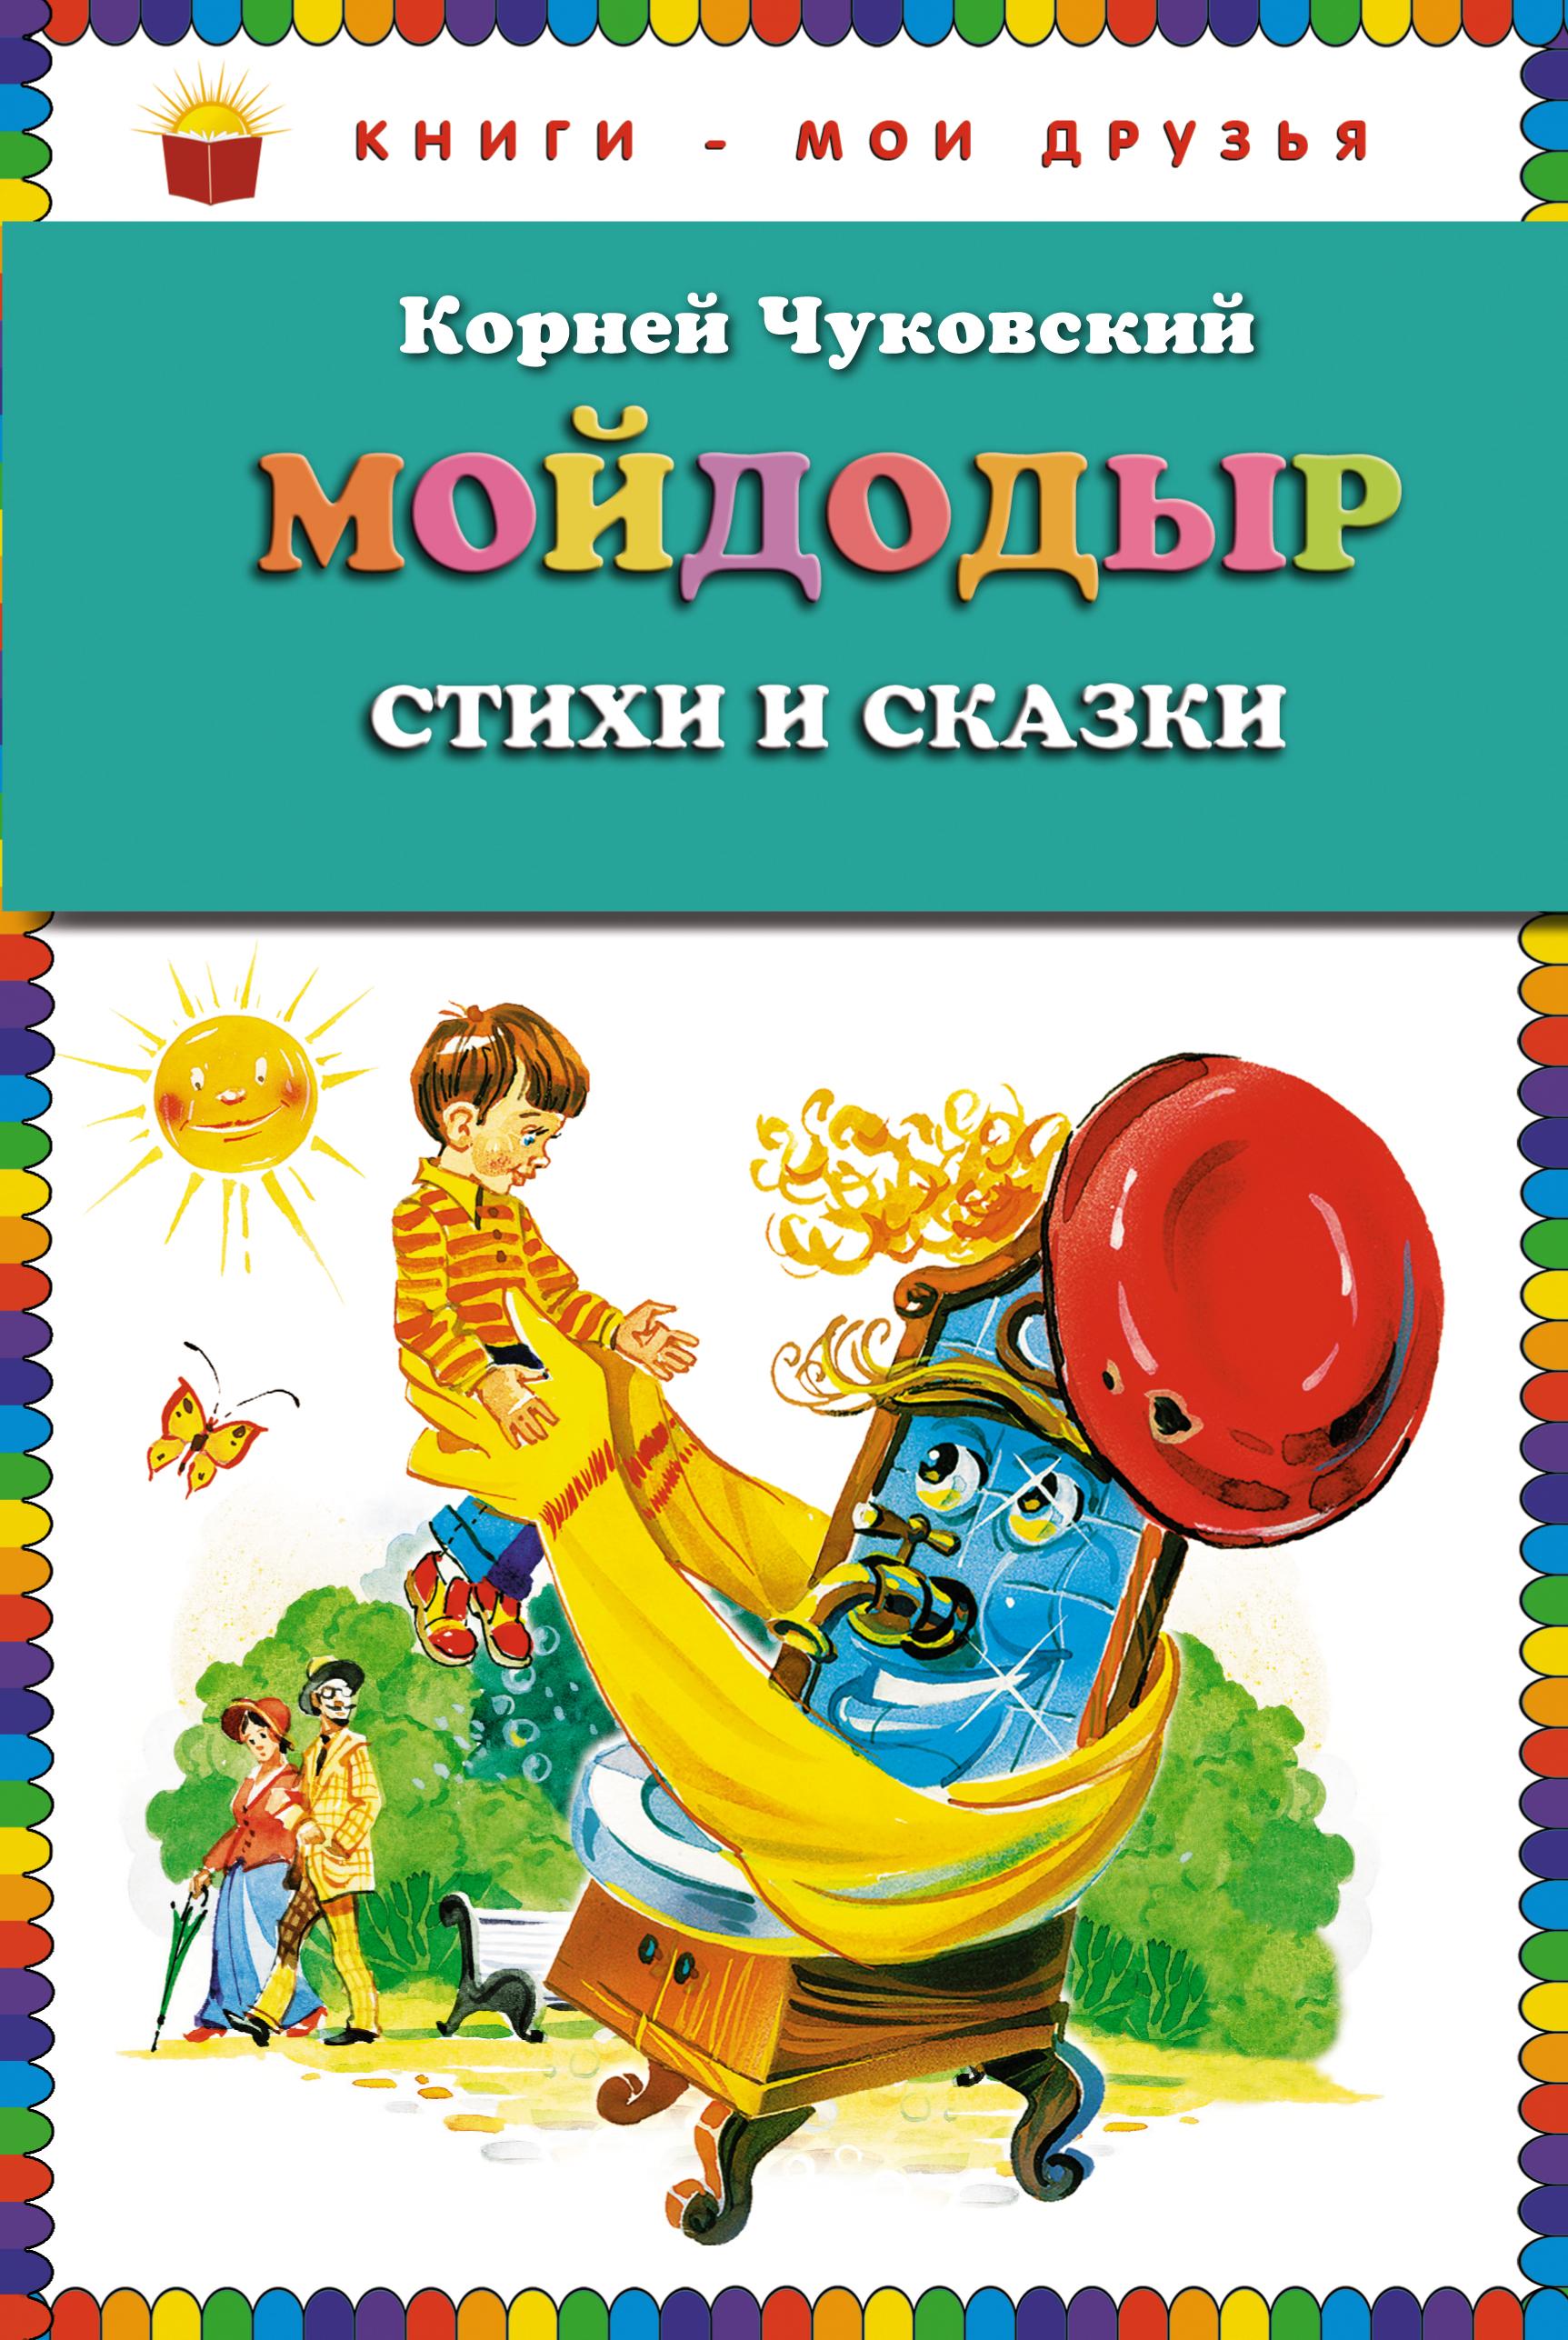 Купить книгу мойдодыр. стихи и сказки (Чуковский к.и.). описание и отзывы..